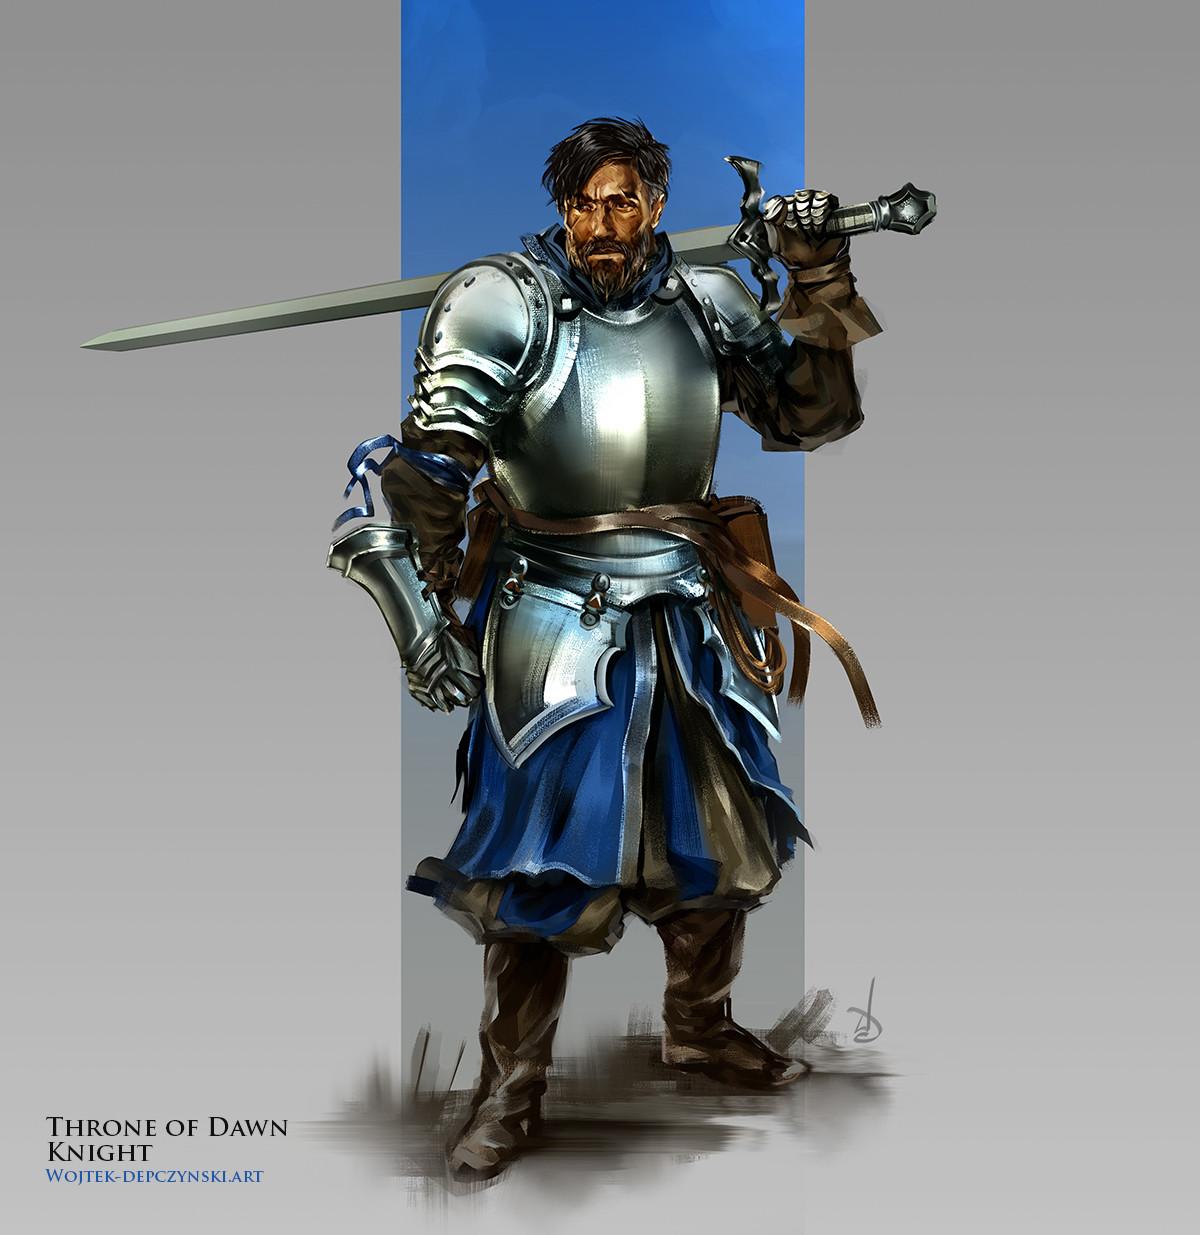 Wojtek depczynski knight2